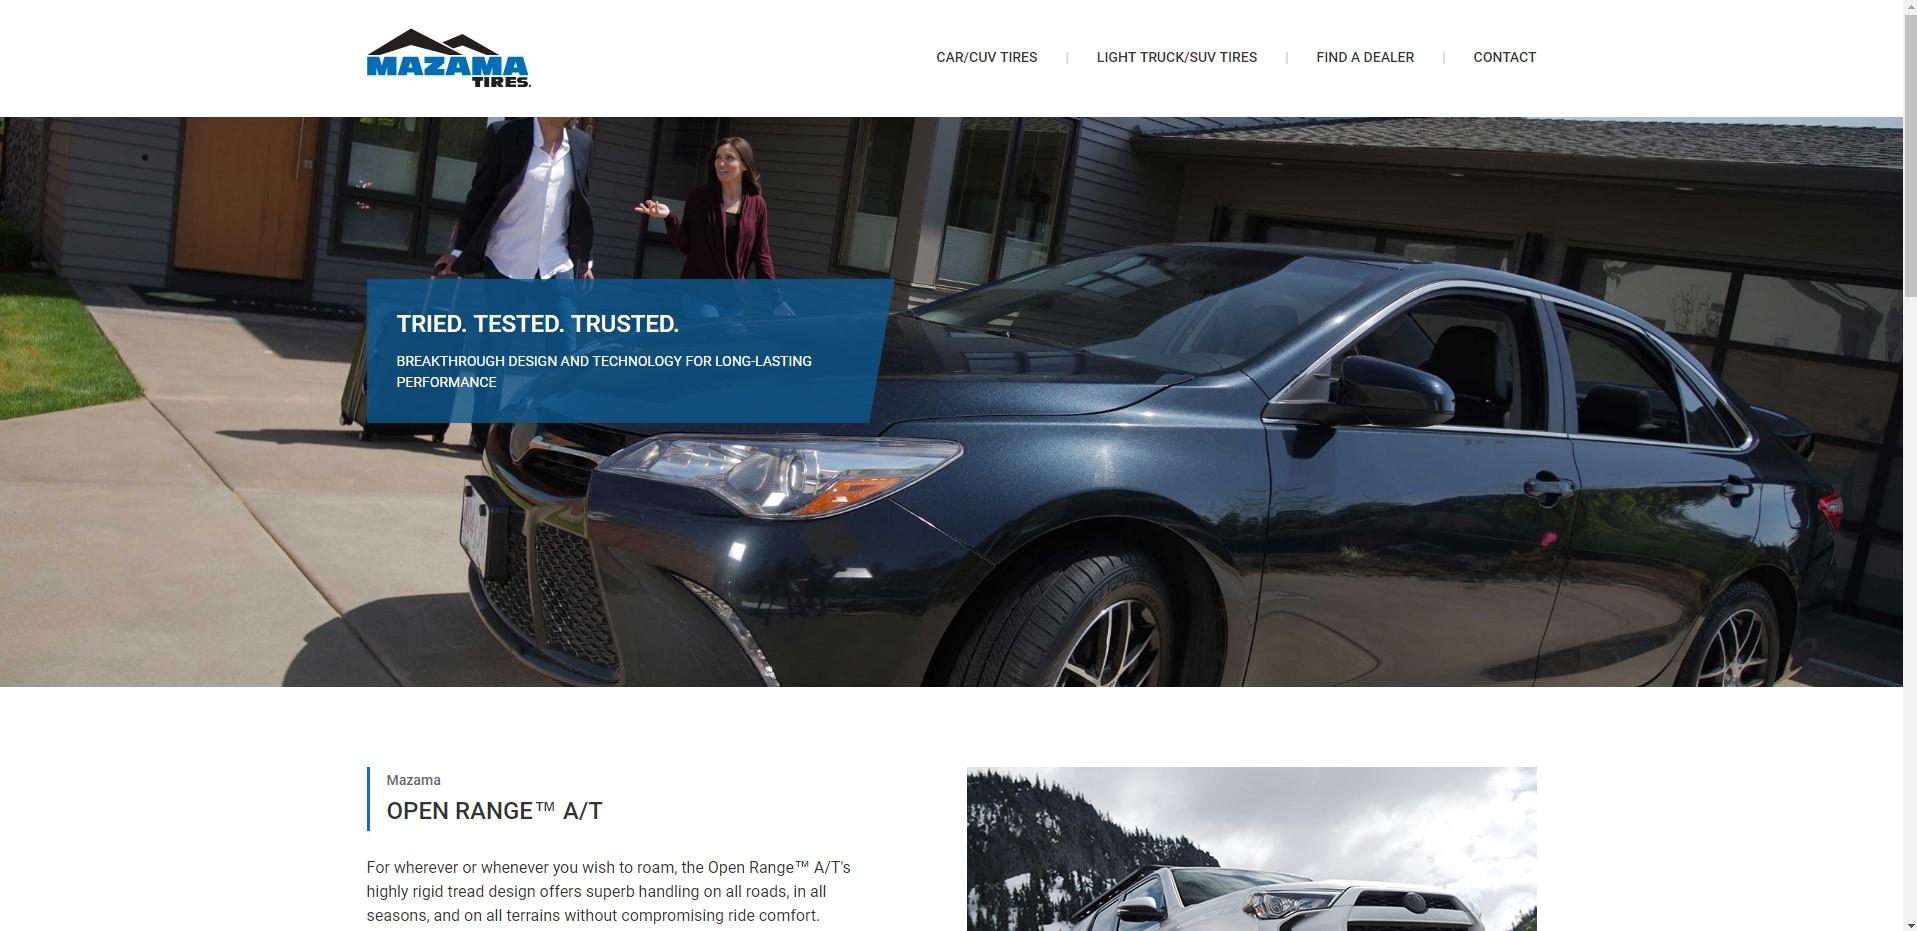 Фото Интернет магазин Mazama Tires. Support по Frontend. Продажа автомобильных покрышек в Клифорнии от Les Schwab. https://www.mazamatires.com/